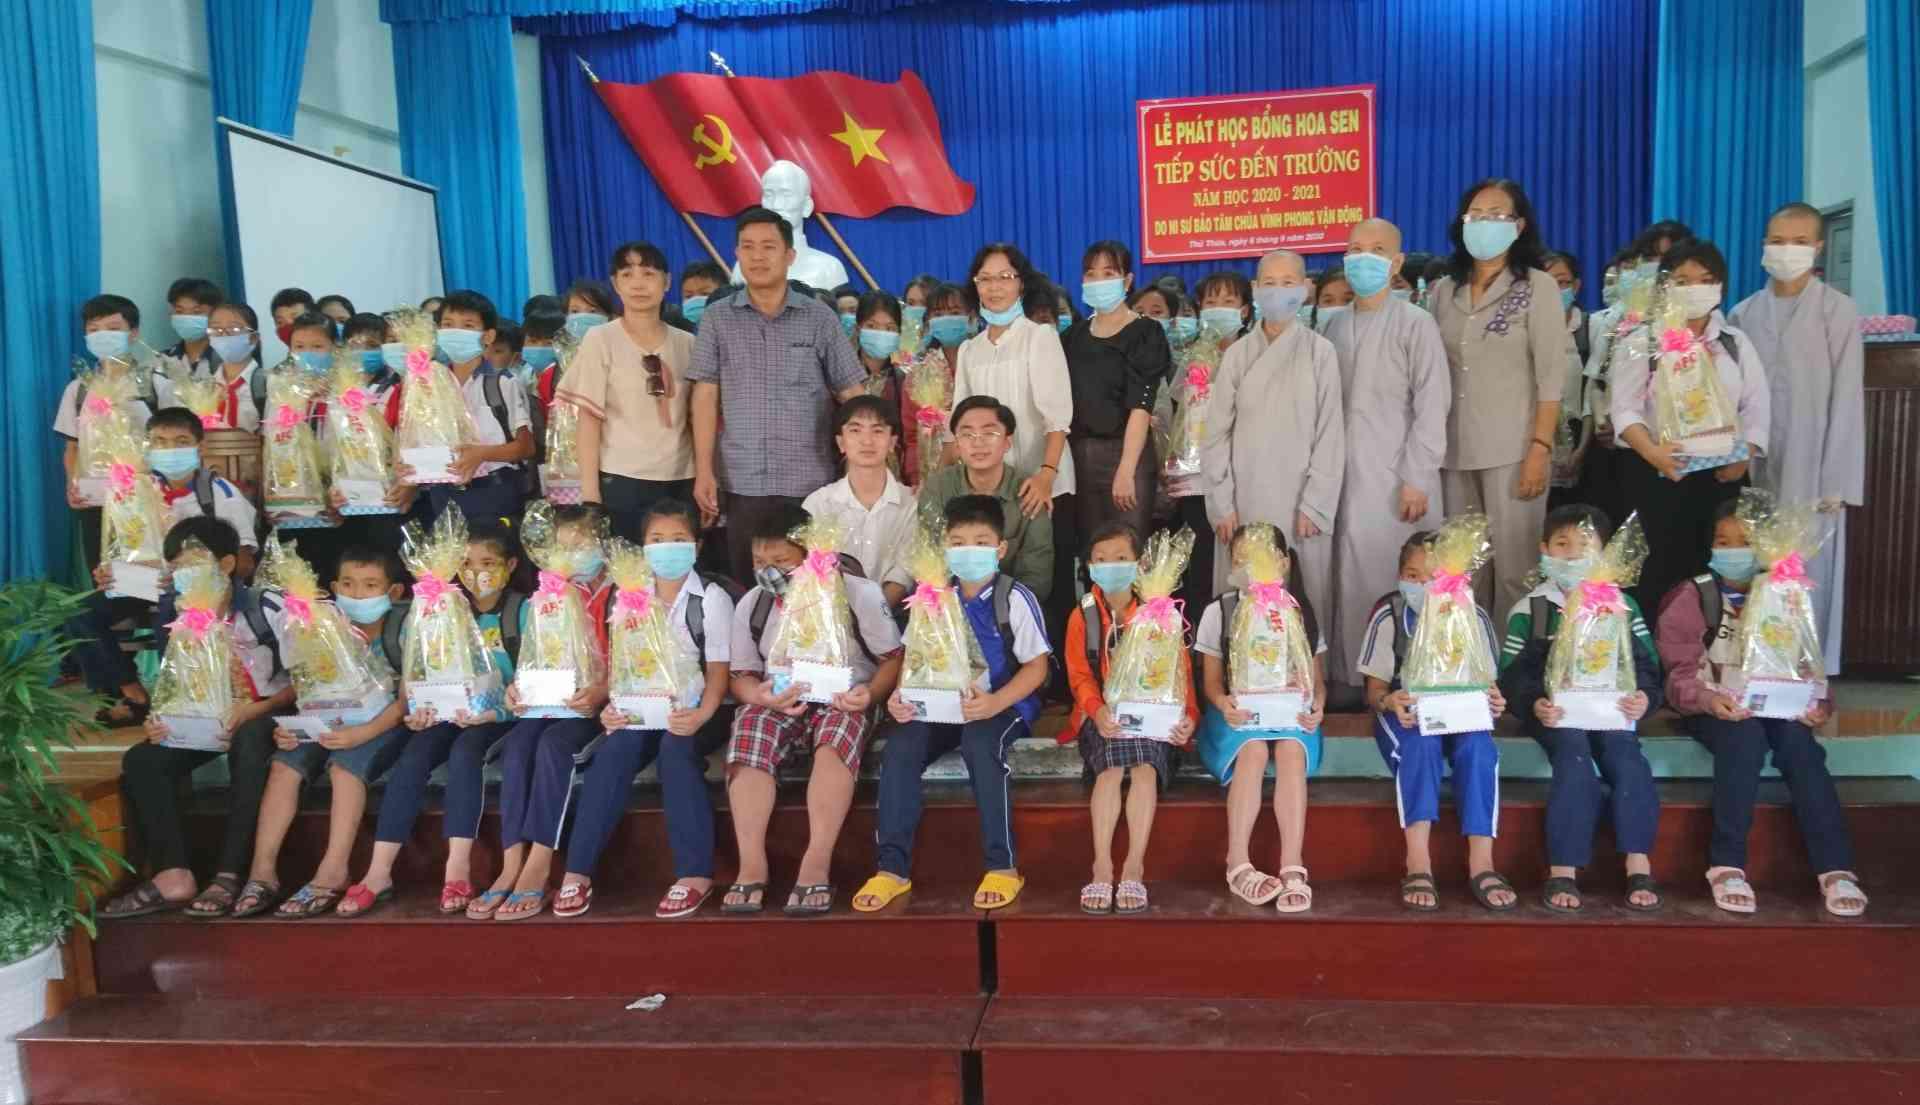 Lãnh đạo huyện và Ban tổ chức chụp ảnh lưu niệm với học sinh nhận quà